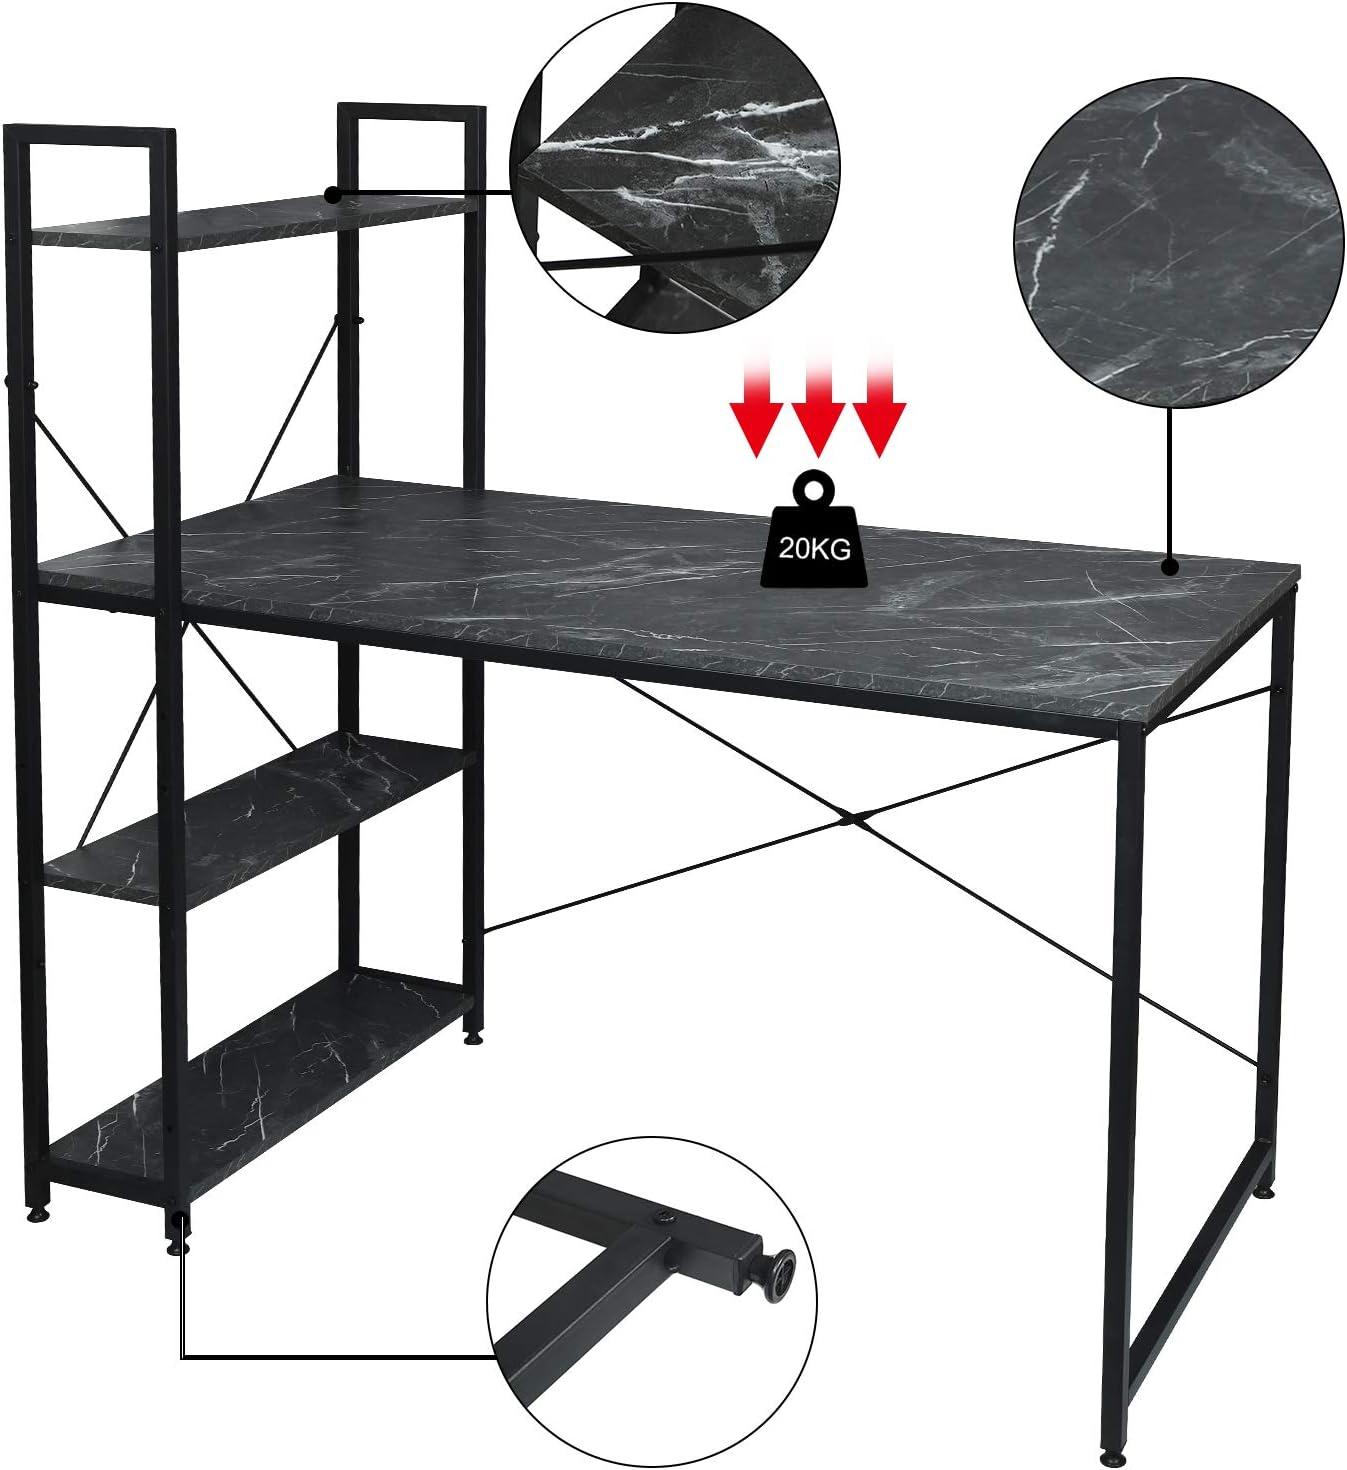 EUGAD 0088ZZ Table de Bureau Meuble Informatique de Travail avec /étag/ères de Rangement en Bois et m/étal 120x64x120cm,Noir+marbre Noir